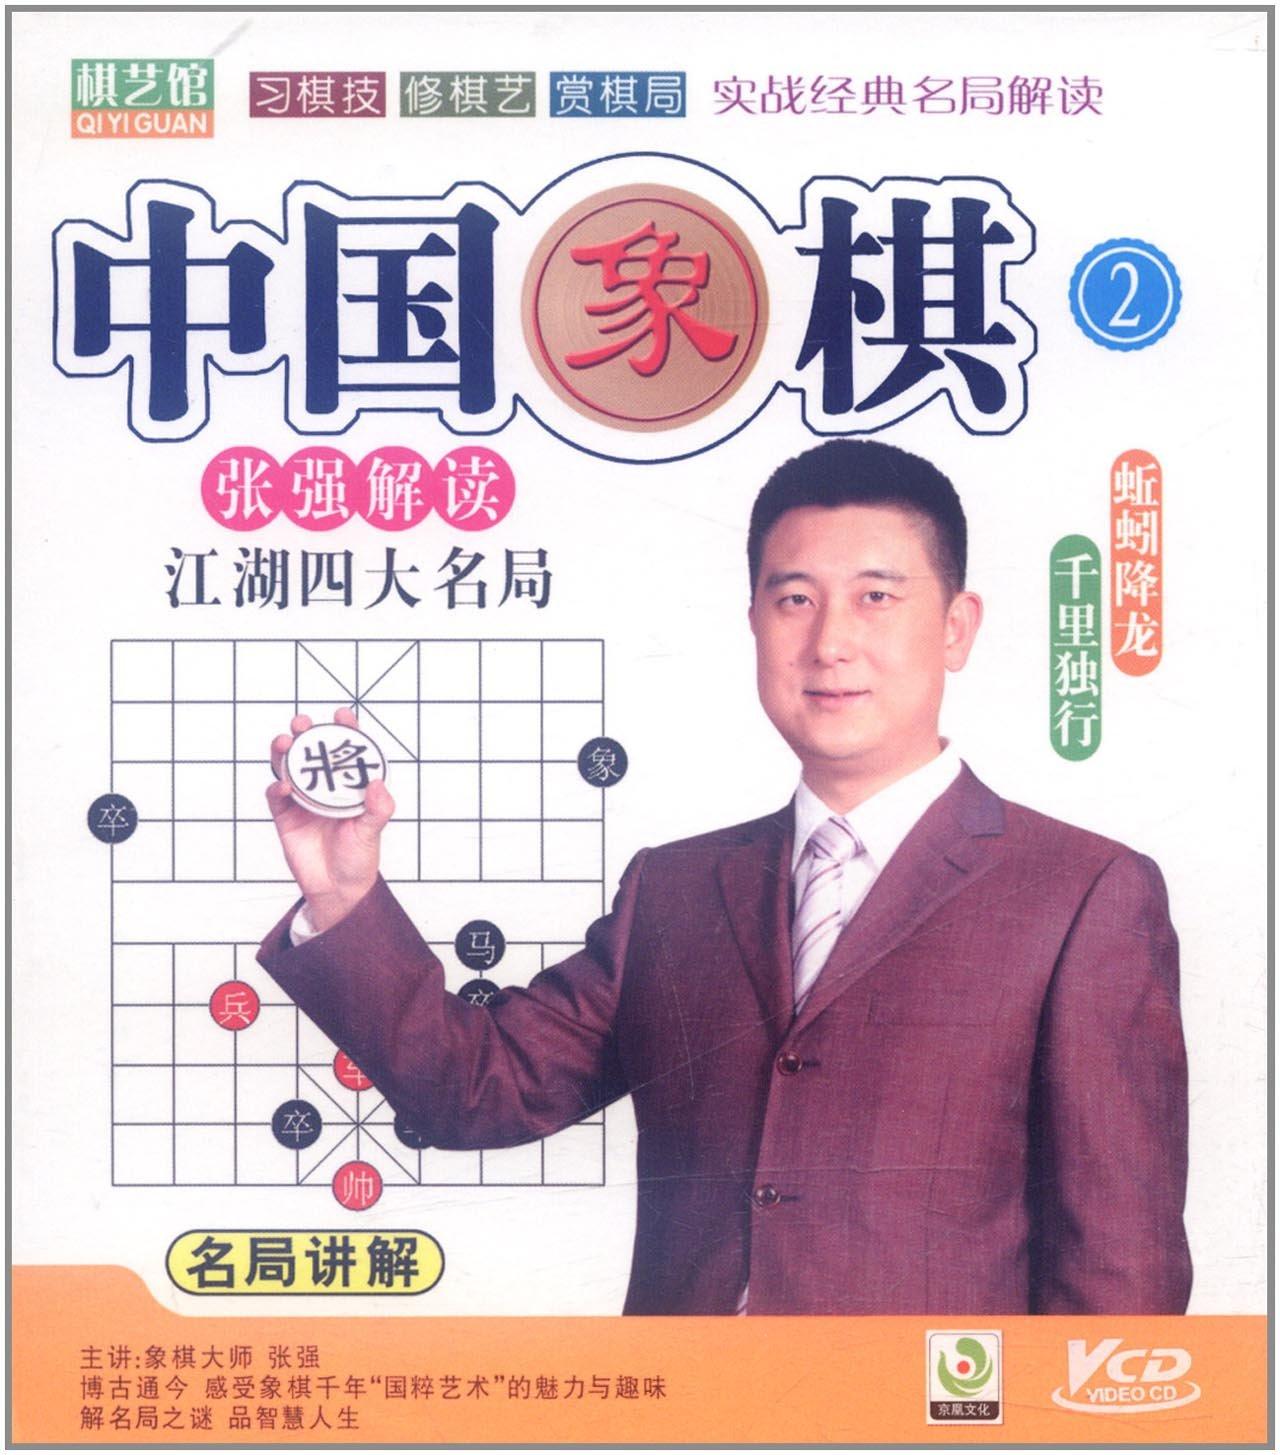 中国象棋:张强解读61江湖四大名局2(vcd)图片